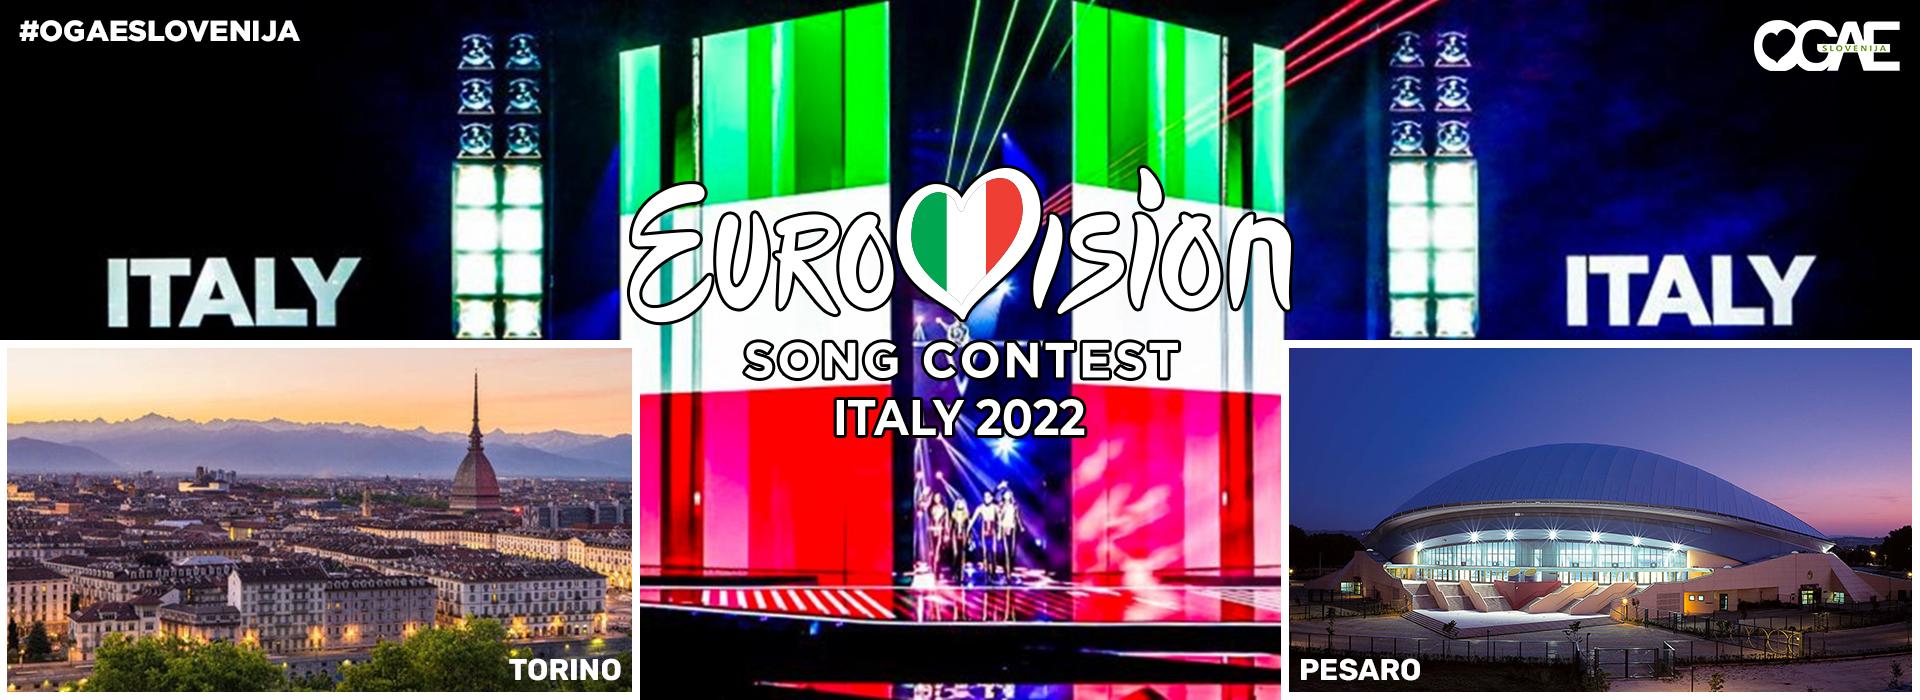 Išče se mesto Pesmi Evrovizije 2022!